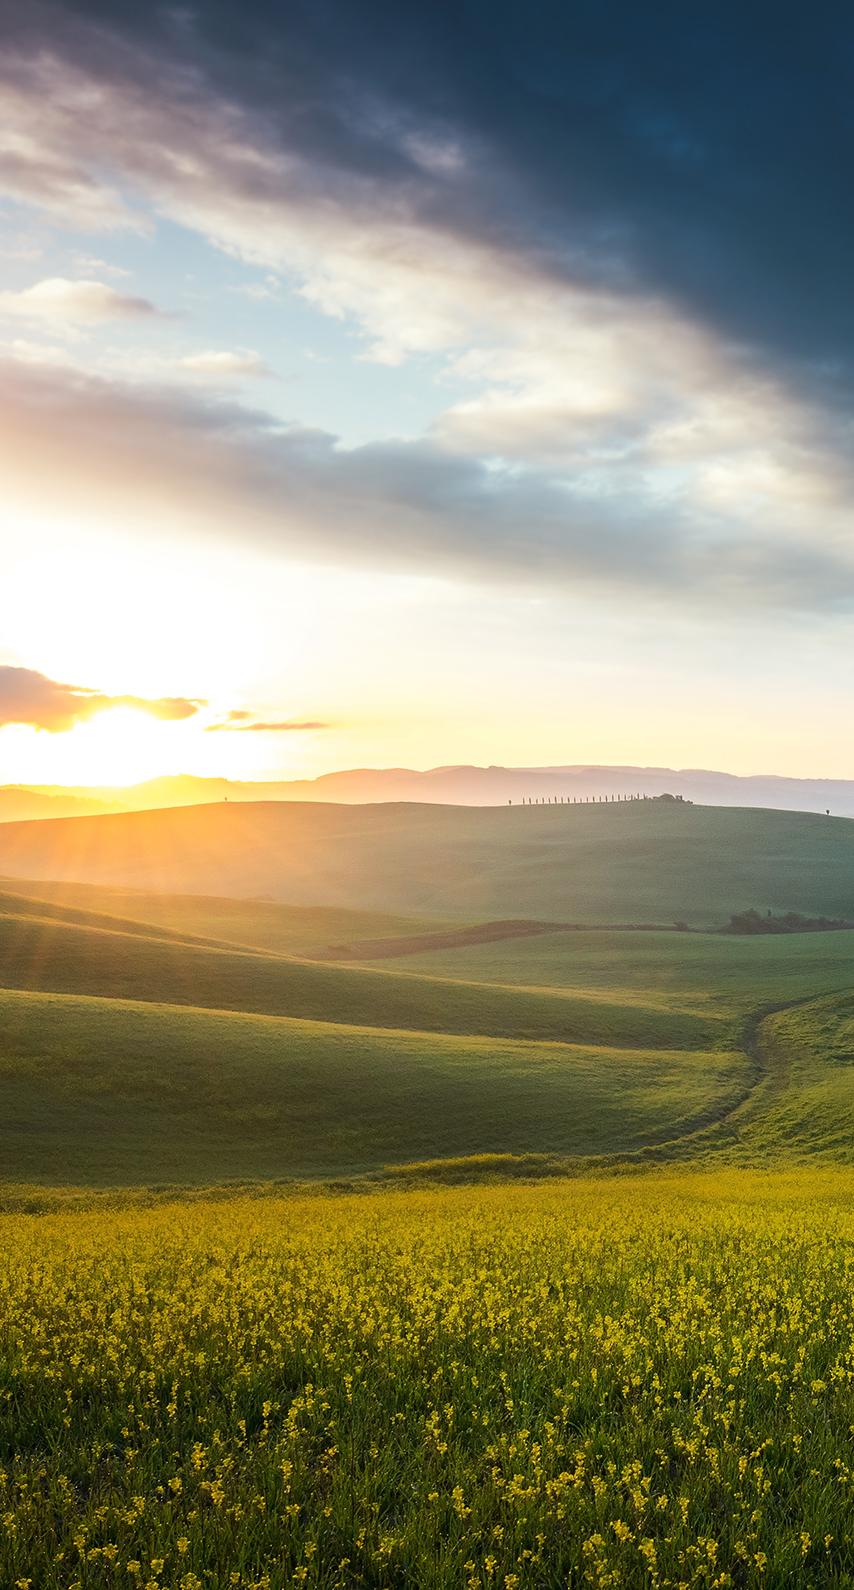 crop, grassland